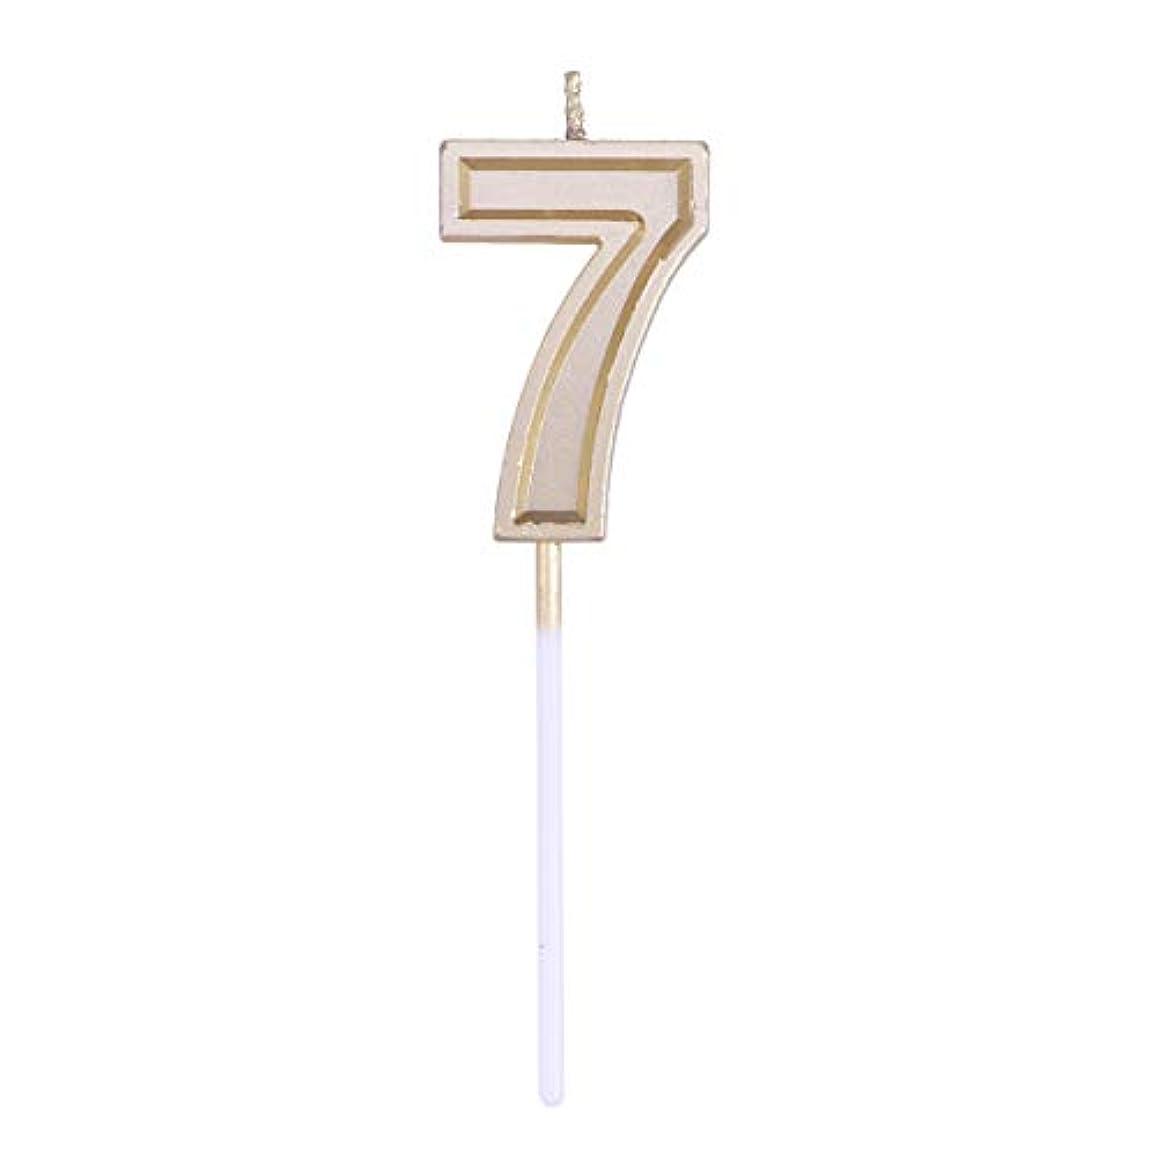 いつもゲートお世話になったToyvian ゴールドラメ誕生日おめでとう数字キャンドル番号キャンドルケーキトッパー装飾用大人キッズパーティー(番号7)